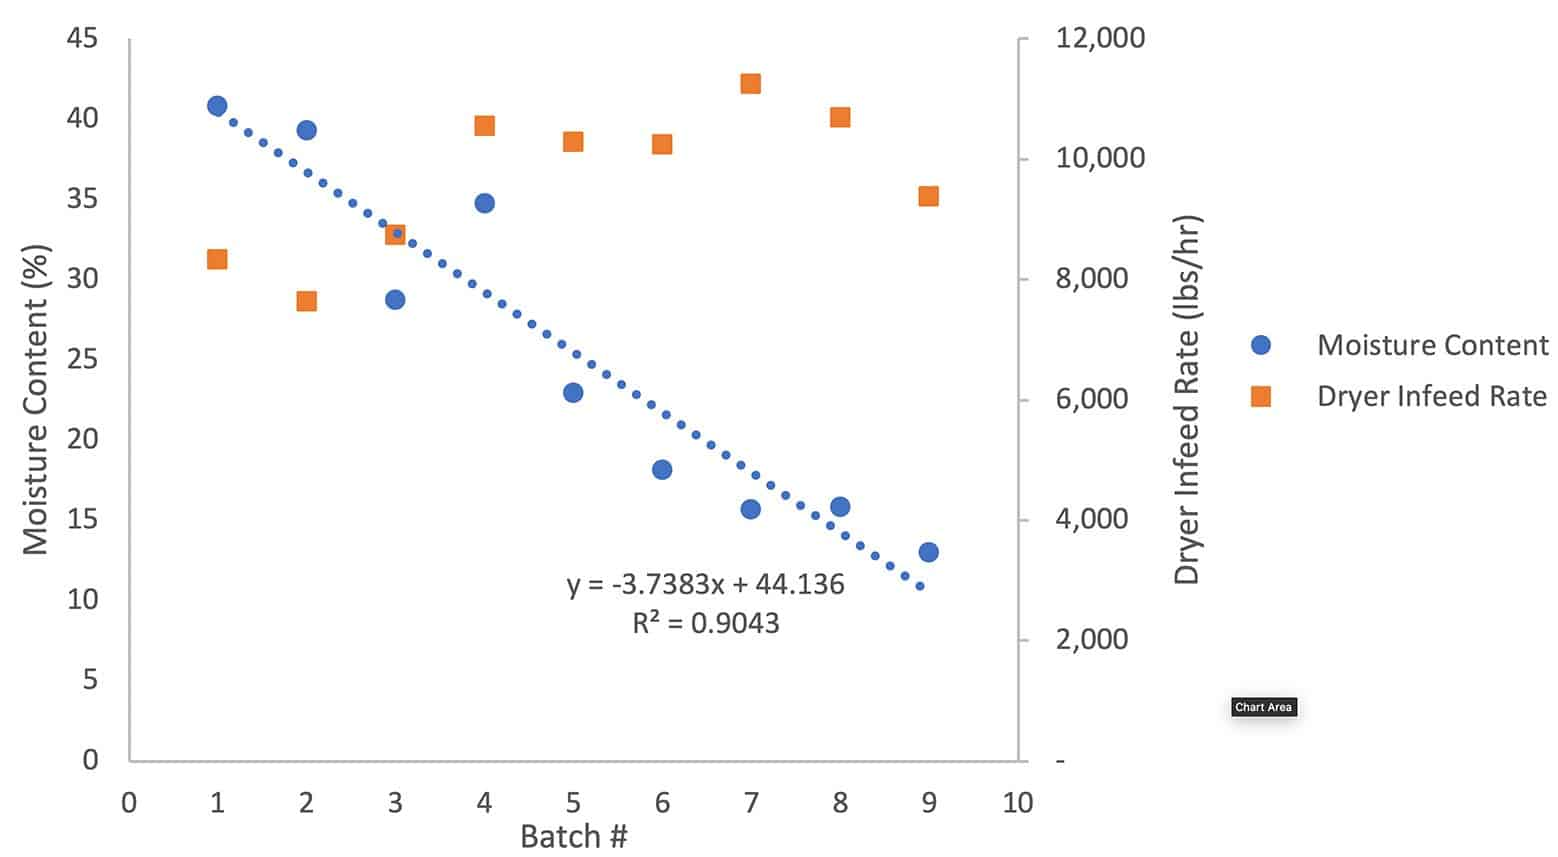 Hemp moisture content vs dryer infeed rate